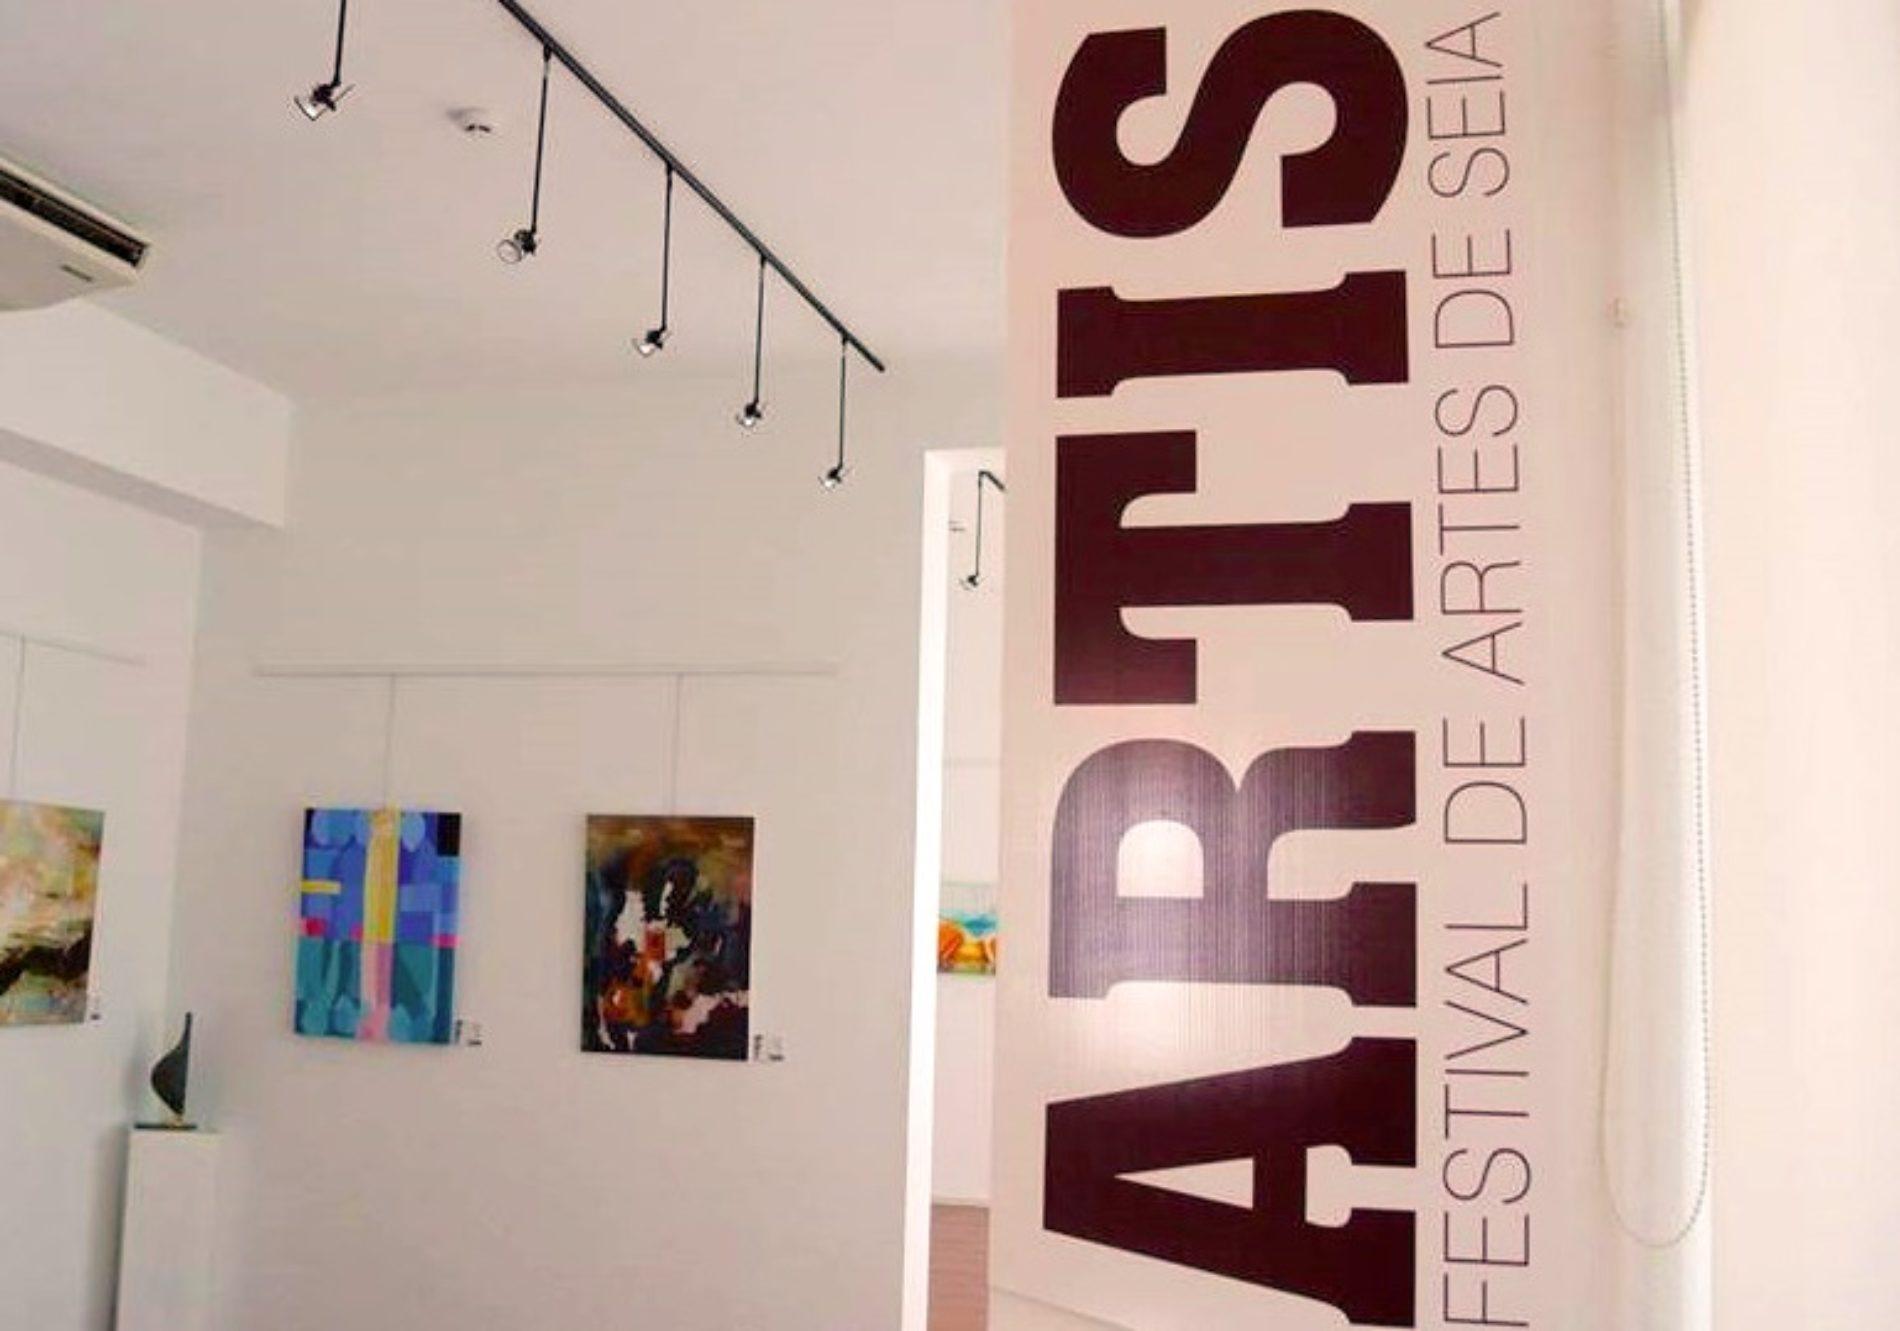 Festival Bienal de Artes de Seia apresenta Mostras de Artes Plásticas e Fotografia de 16 de maio a 30 de julho